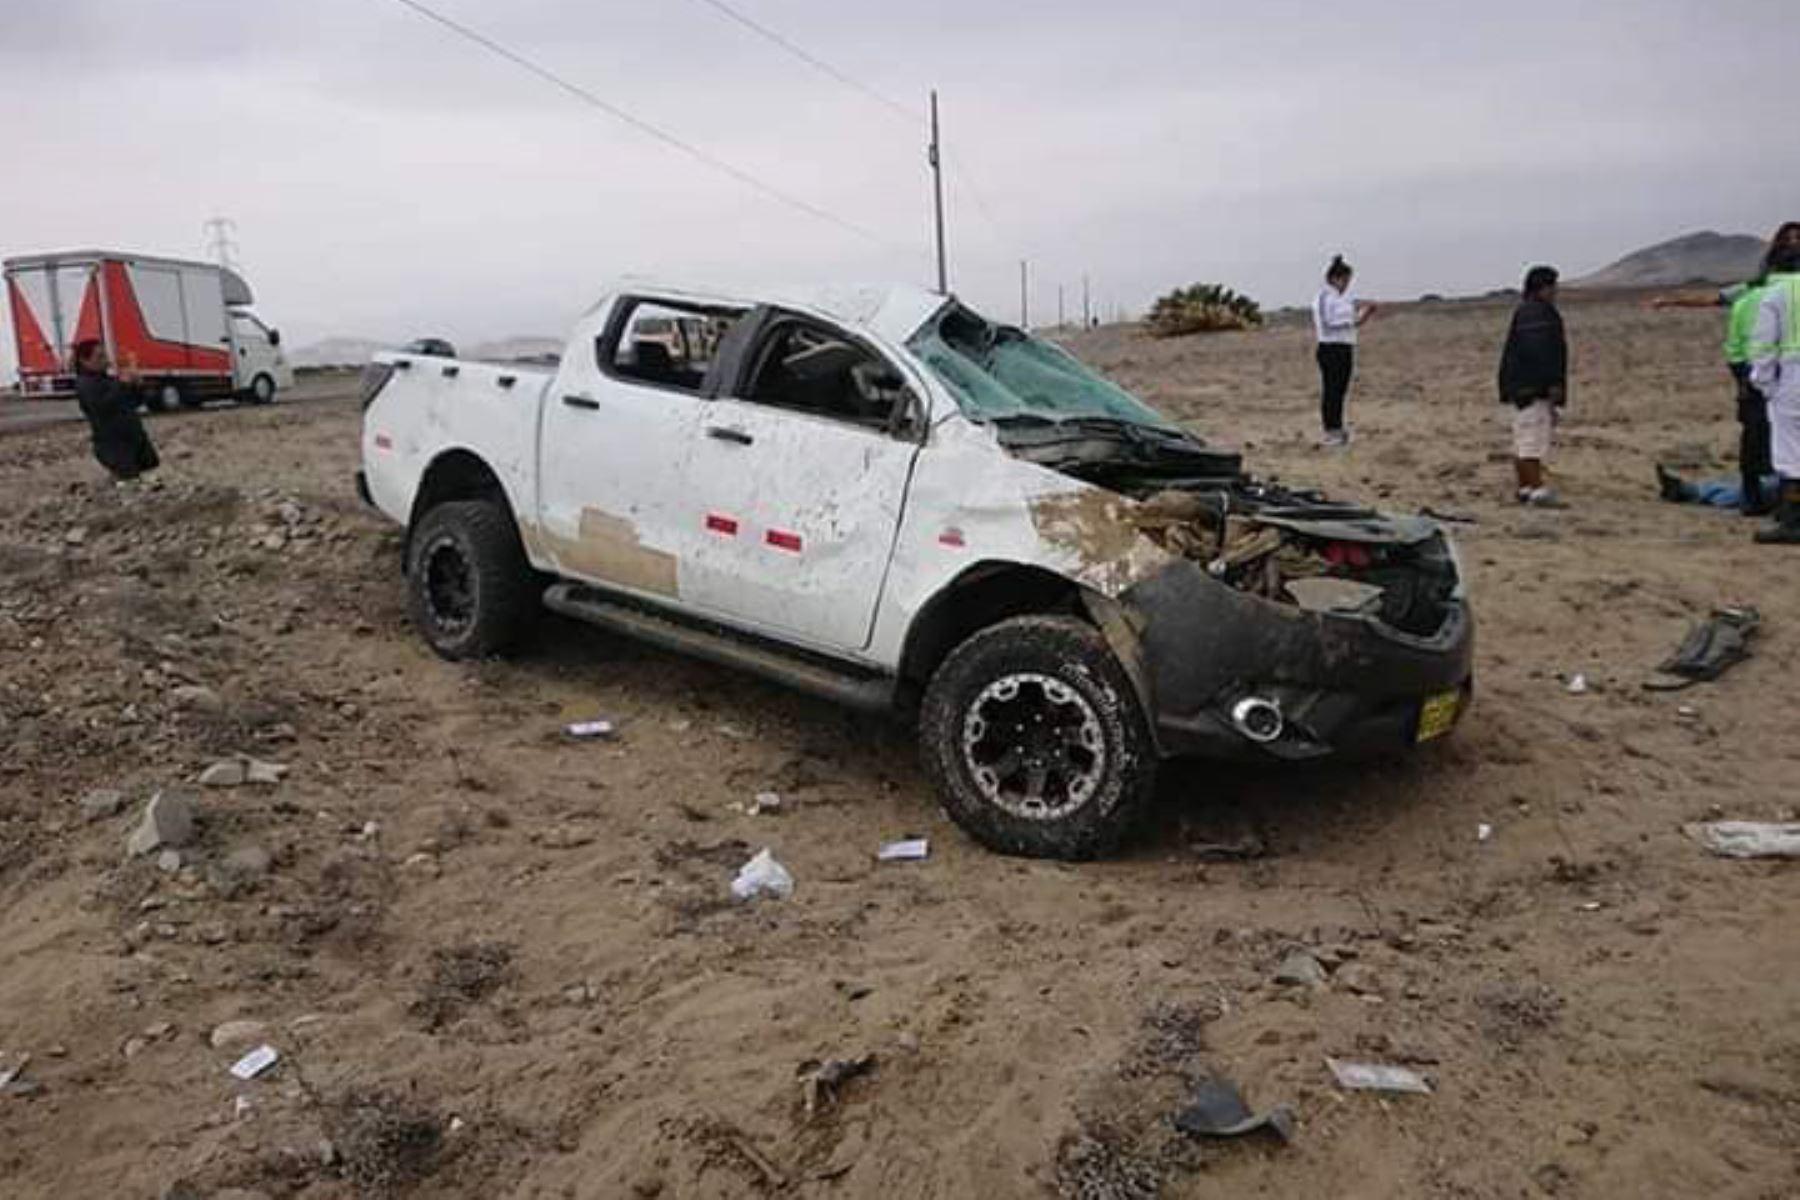 Alcalde provincial de Chepén, David Lías Chepén, muere en accidente de tránsito en La Libertad. Foto: Noticía al día/Facebook